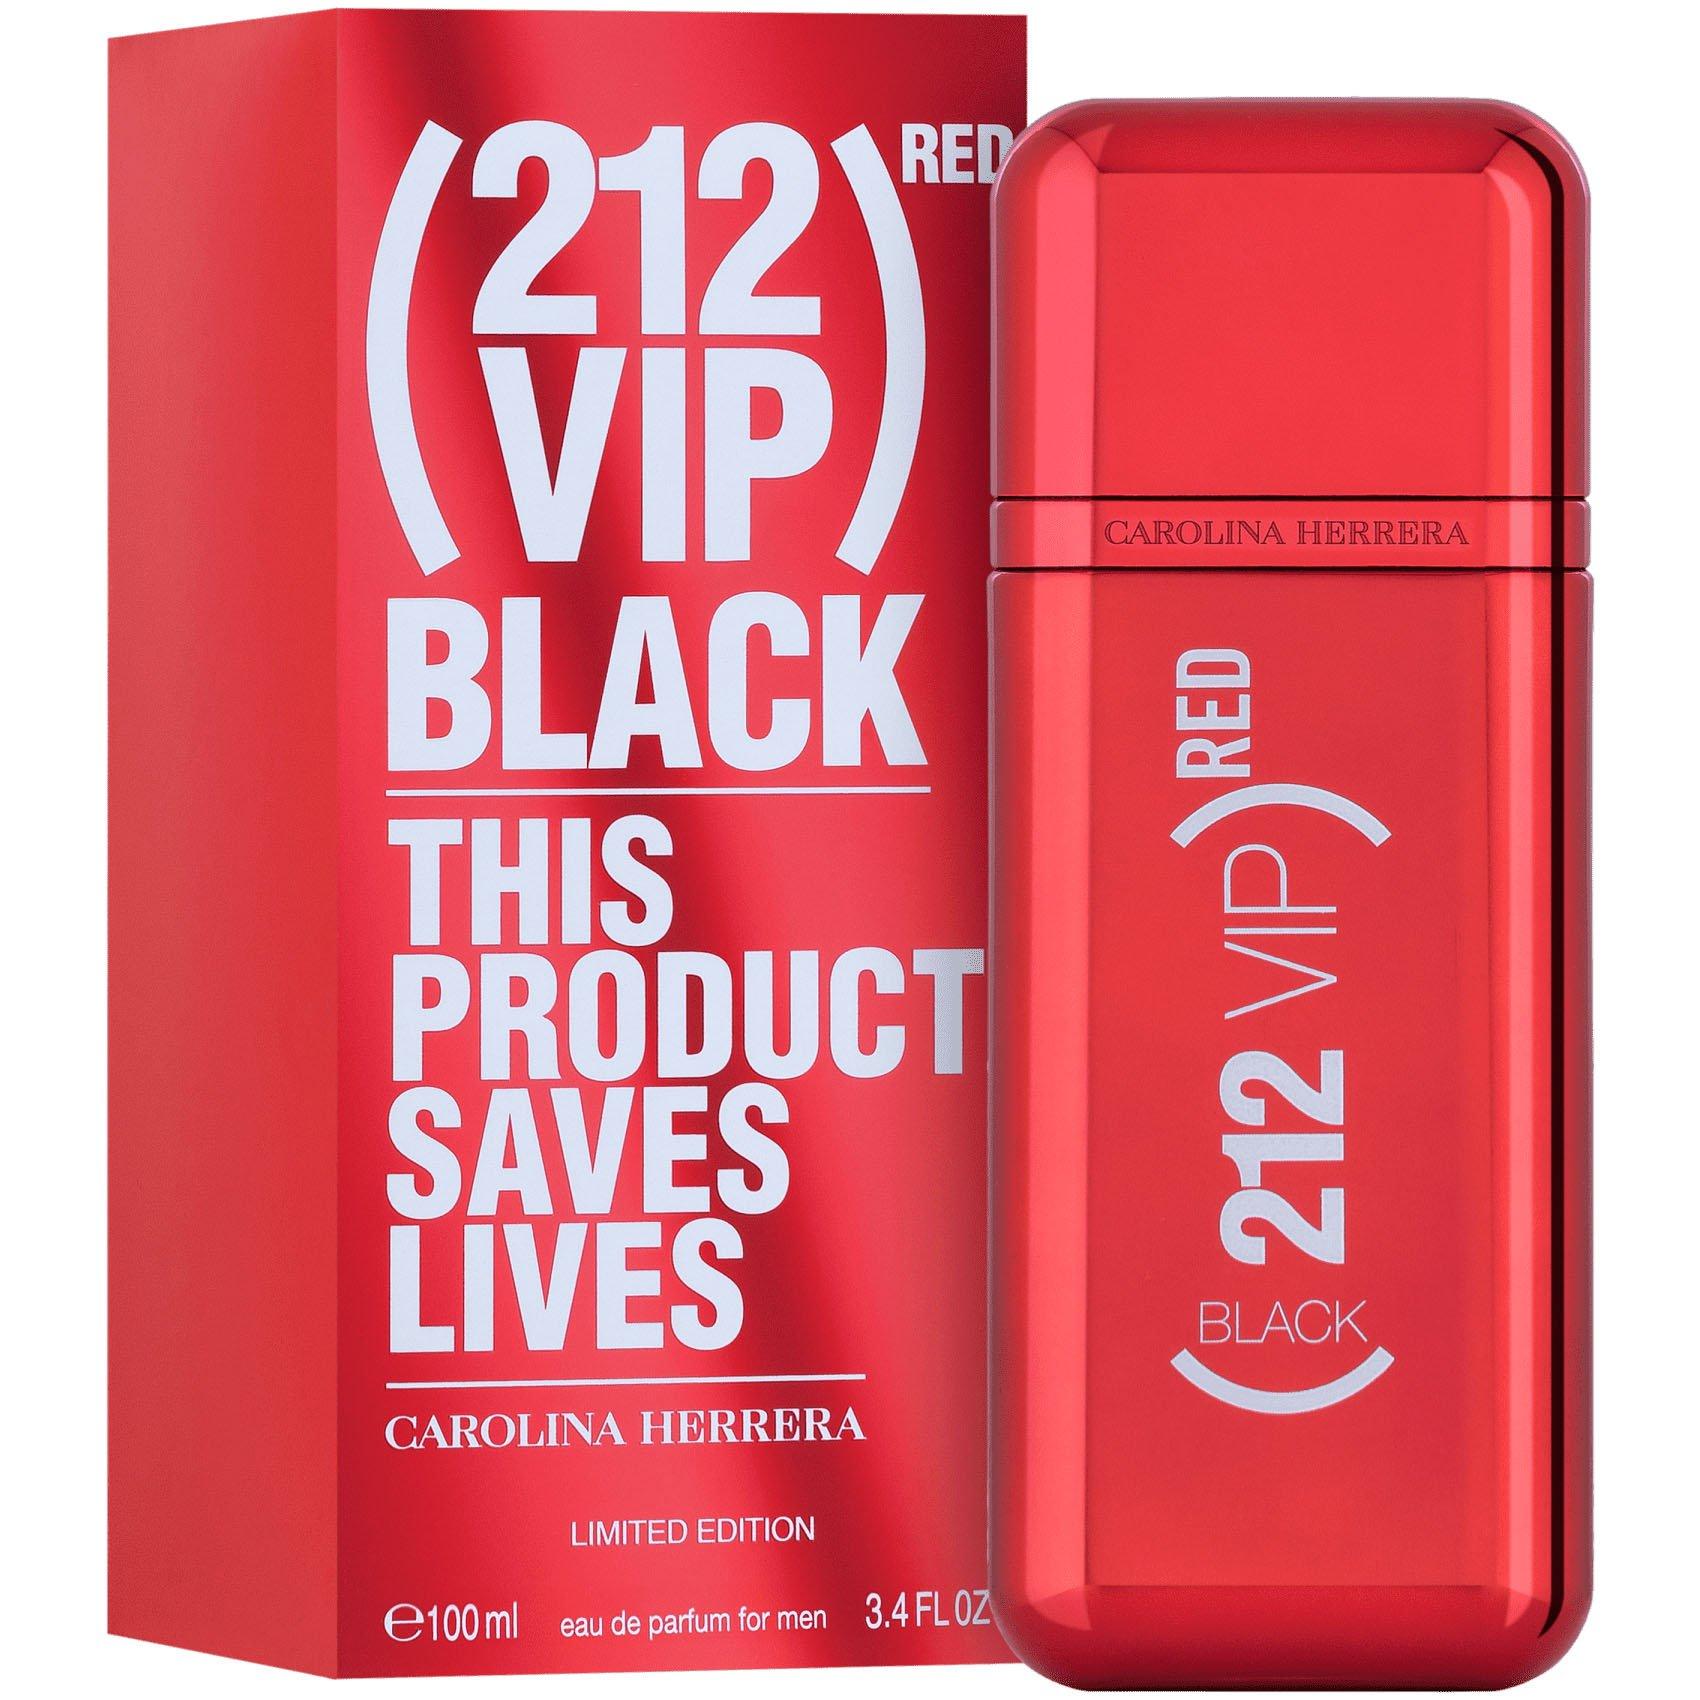 perfume carolina herrera 212 vip black red masculino edt 100ml 51181 2000 203502 1